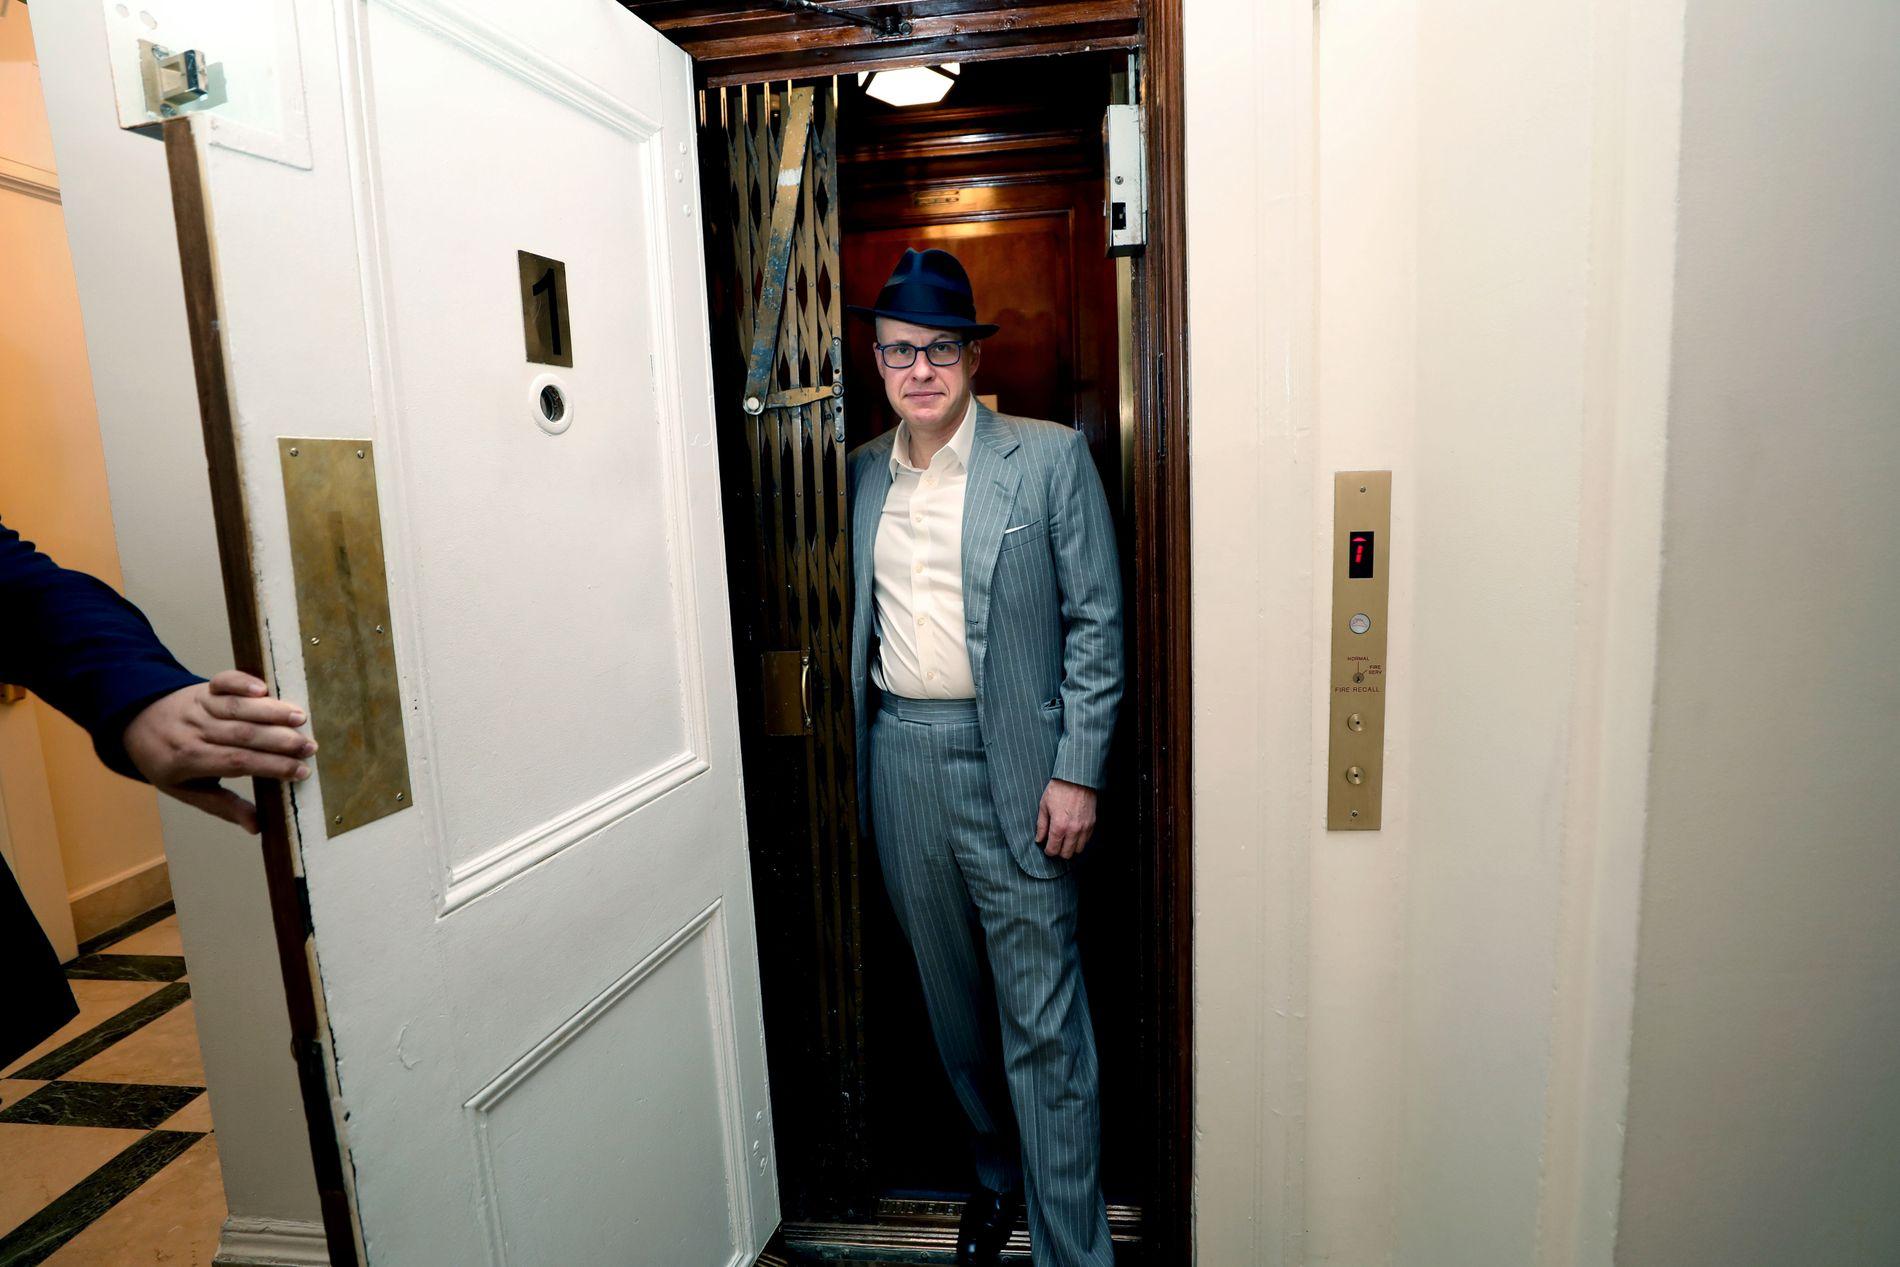 STÅR FREM: Max Boot har stemt republikansk i hele sitt liv, men snudde da Donald Trump entret scenen. Her Boot på vei ut av heisen i lokalene til tenketanken Council on Foreign Relations i New York.